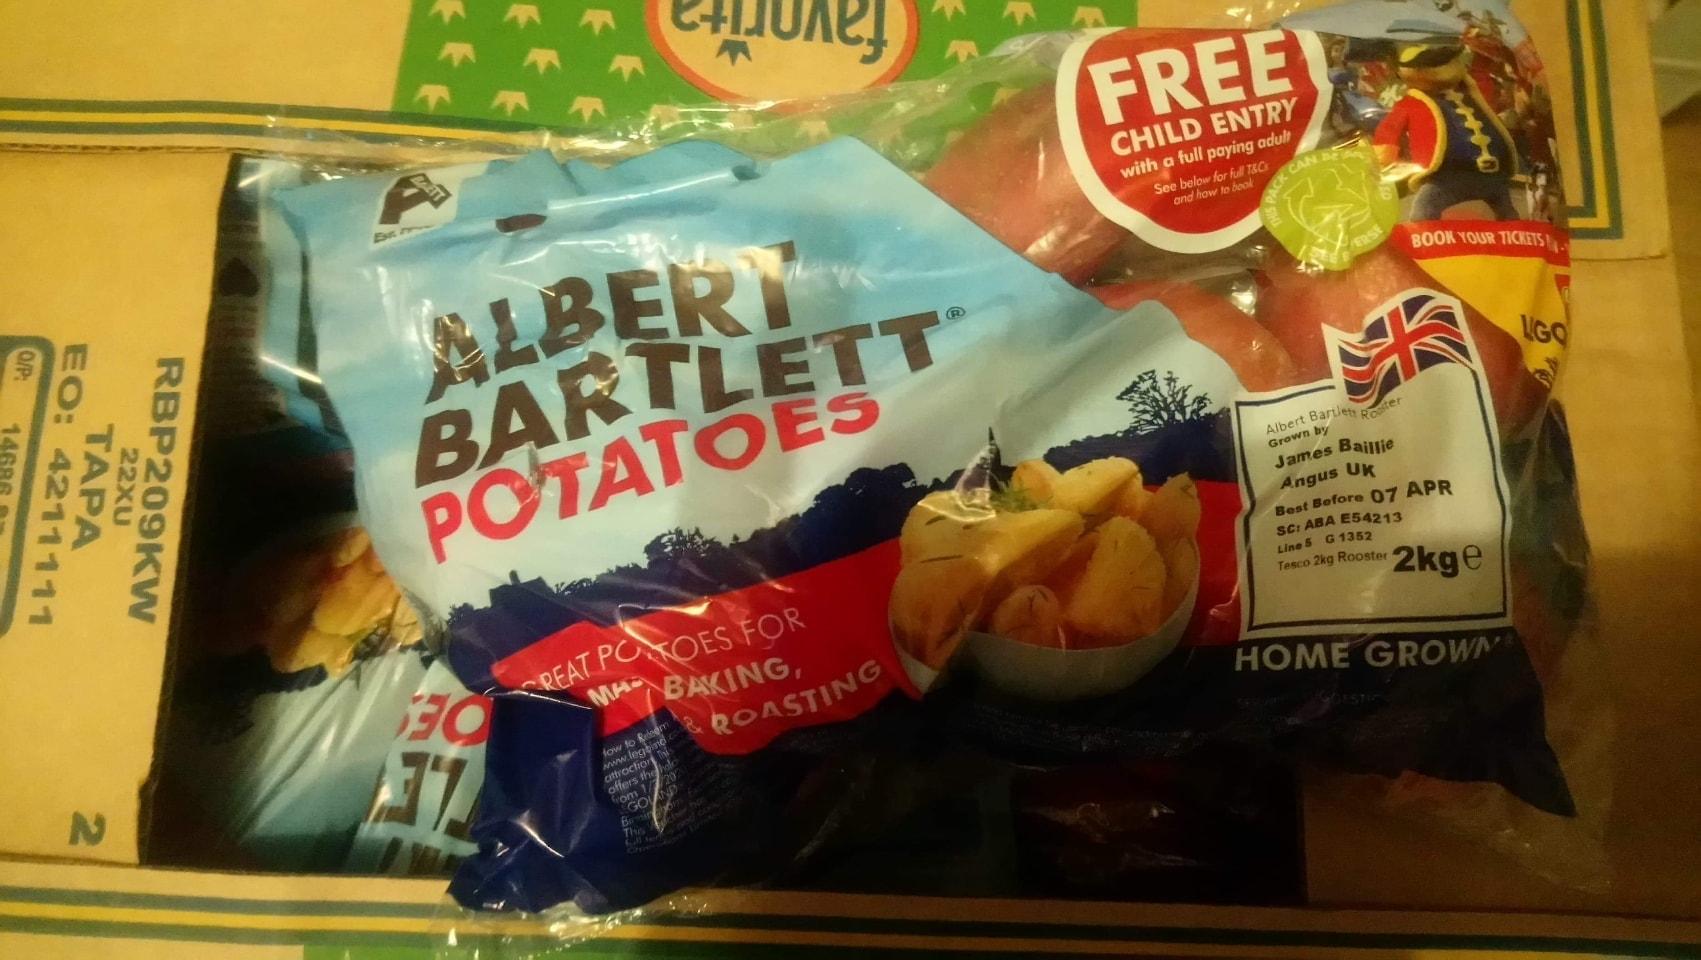 Albert bartlett potatoes